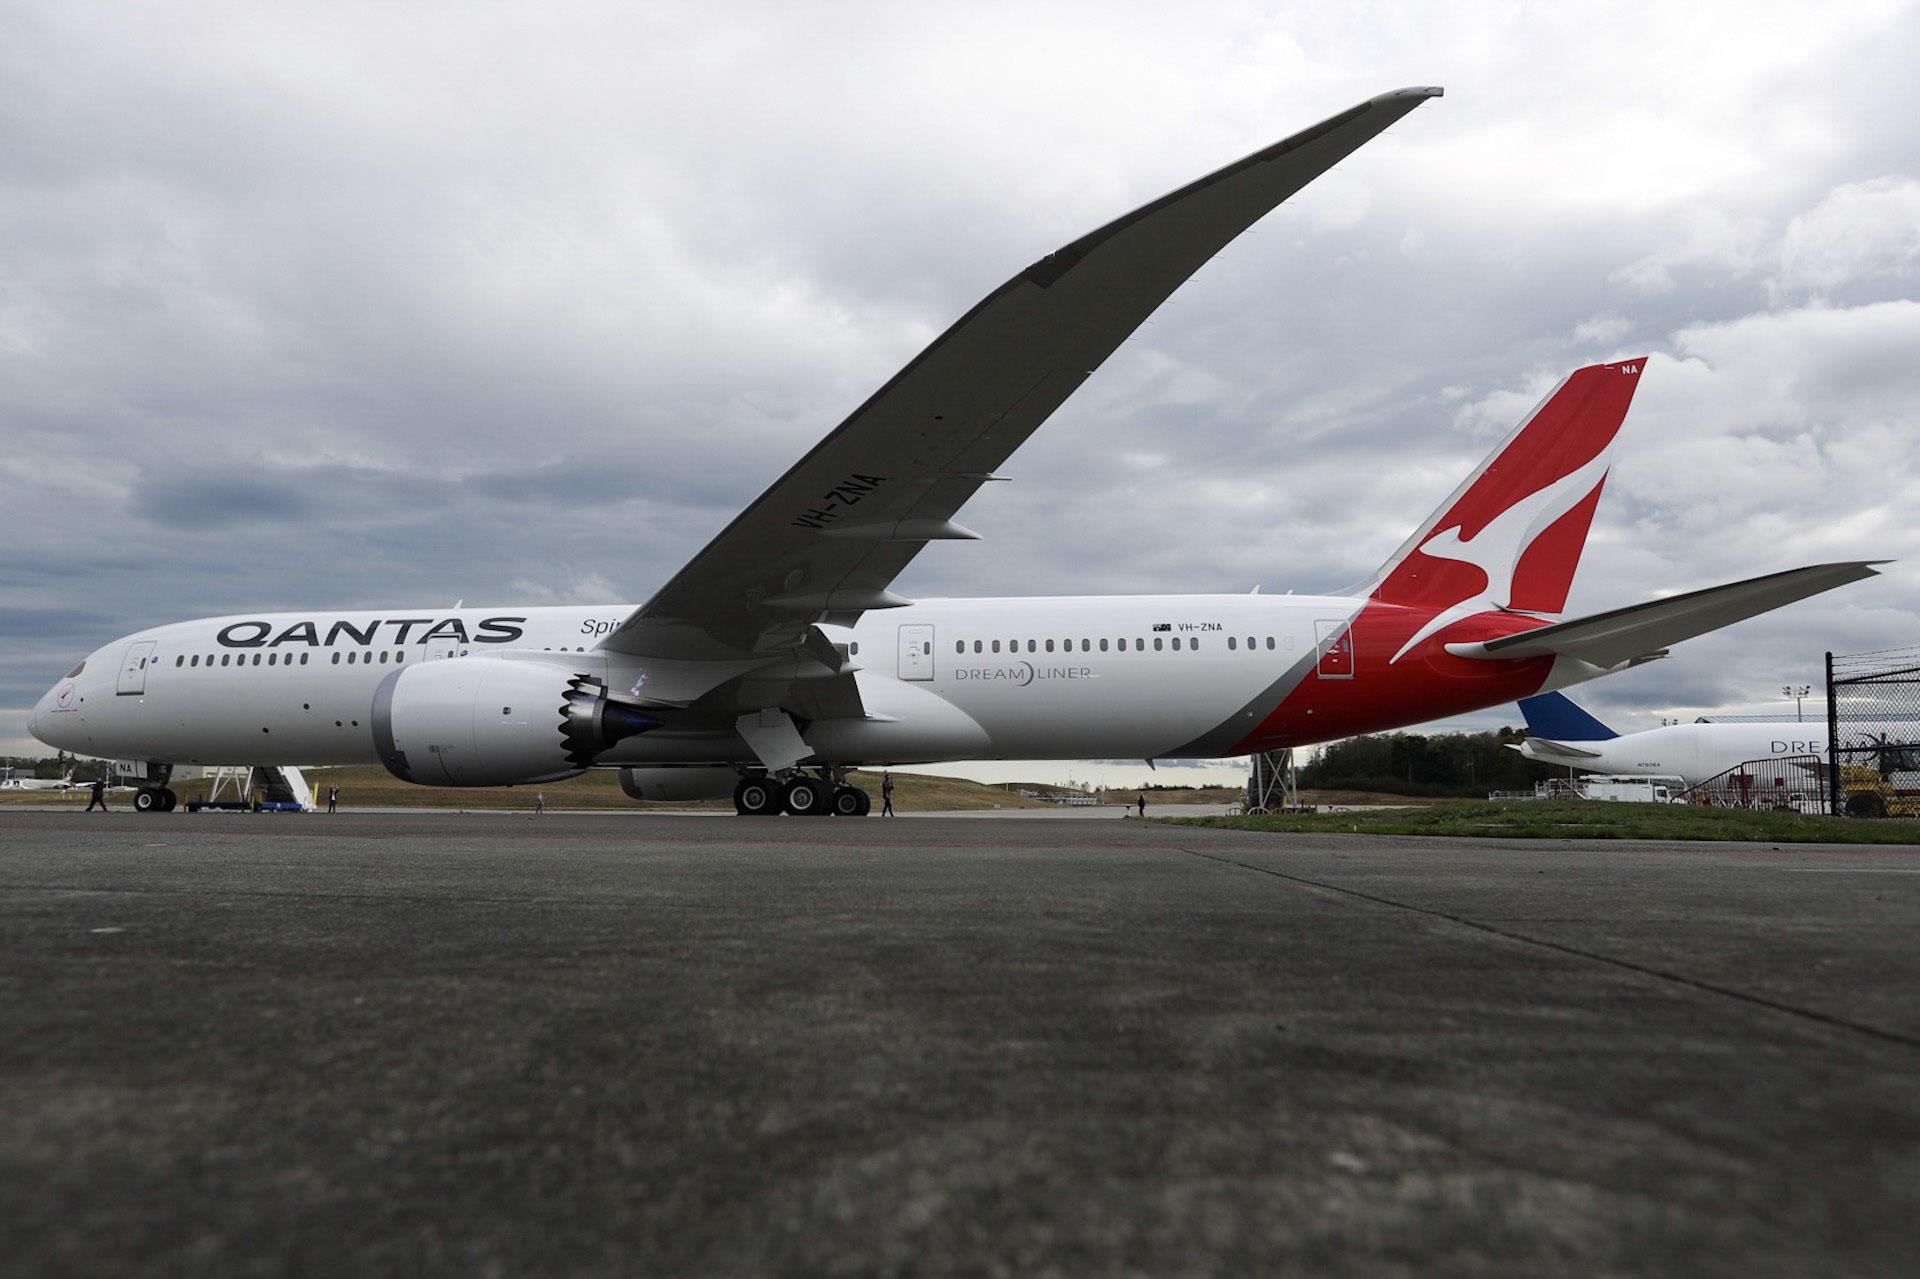 Пасажирський літак вперше пролетів понад 16 тисяч кілометрів без зупинок